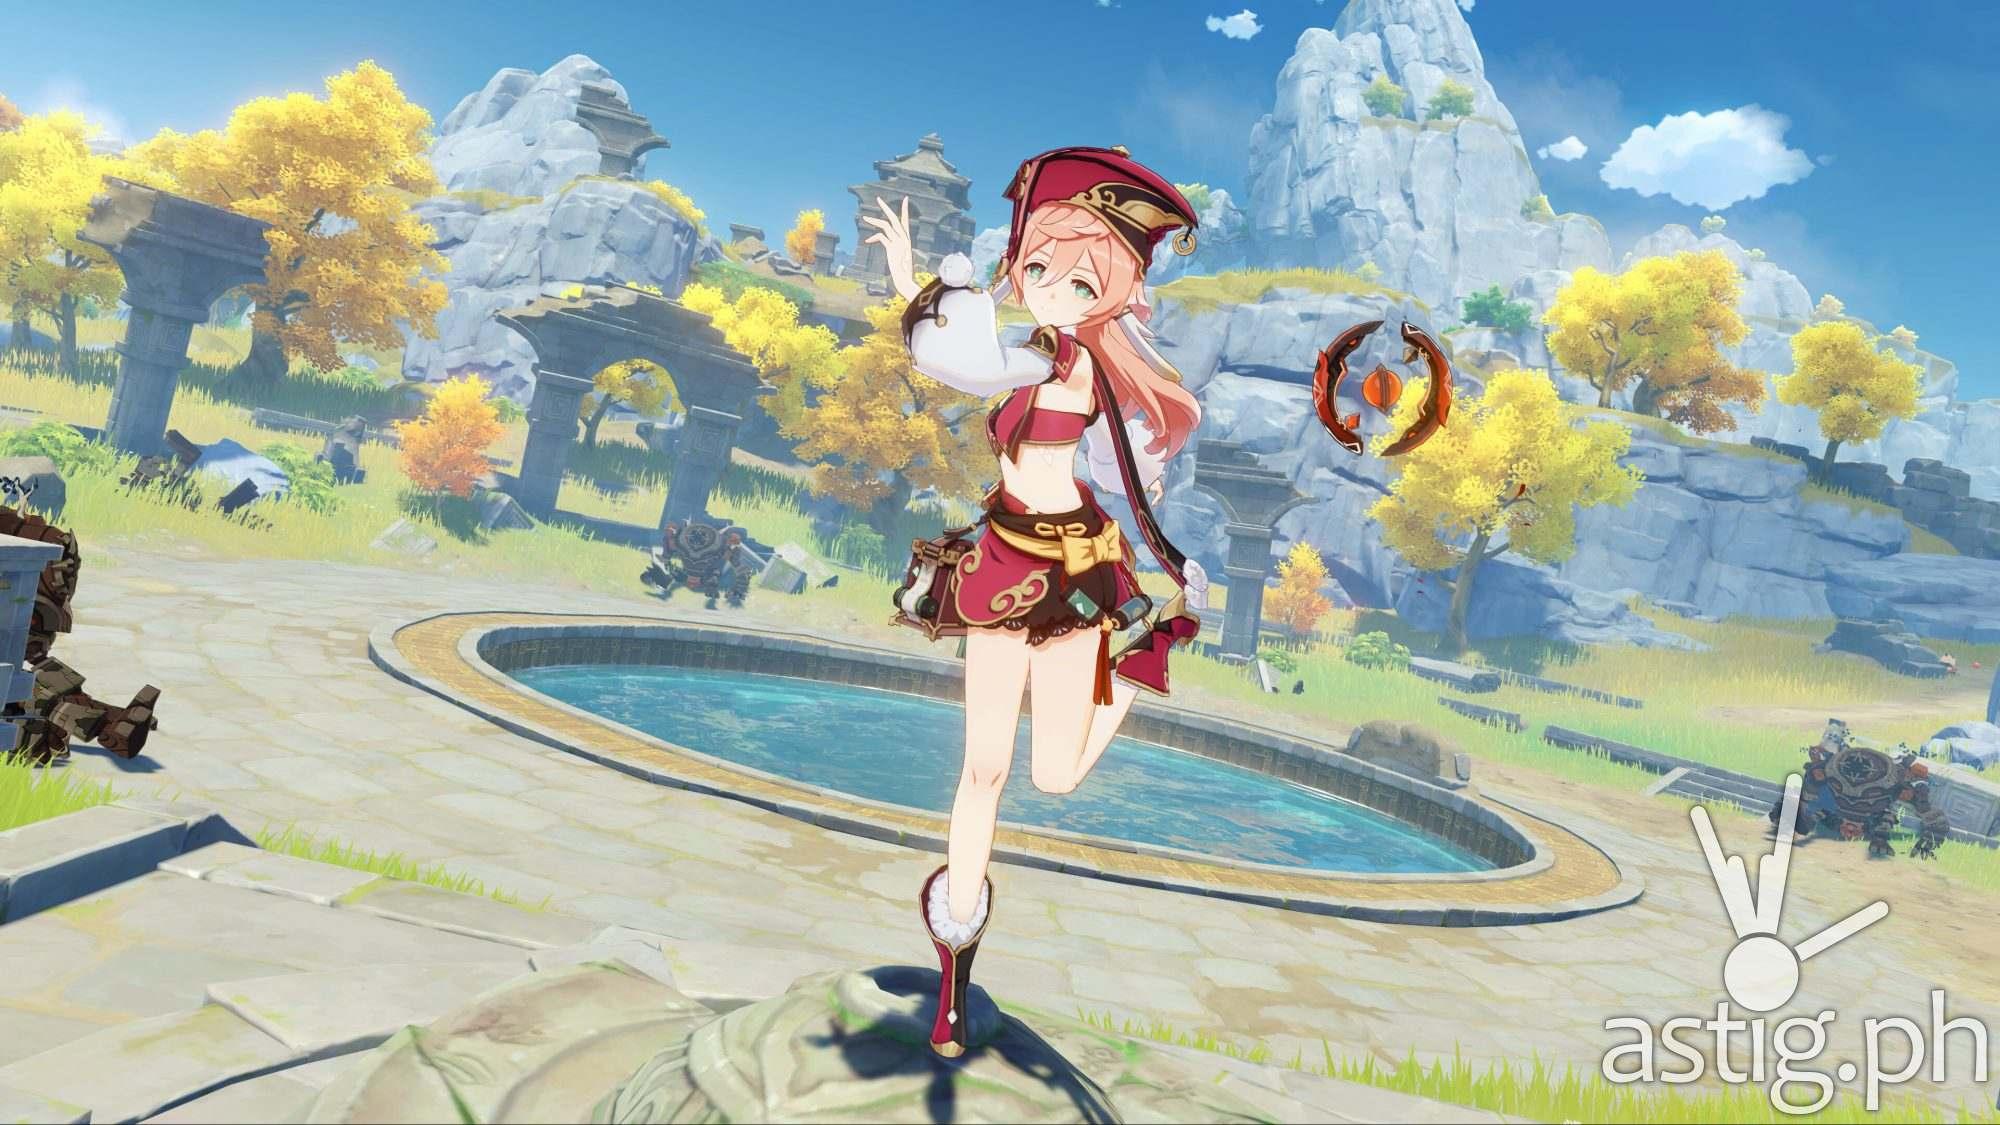 Genshin Impact Playstation 5 (PS5) screenshot